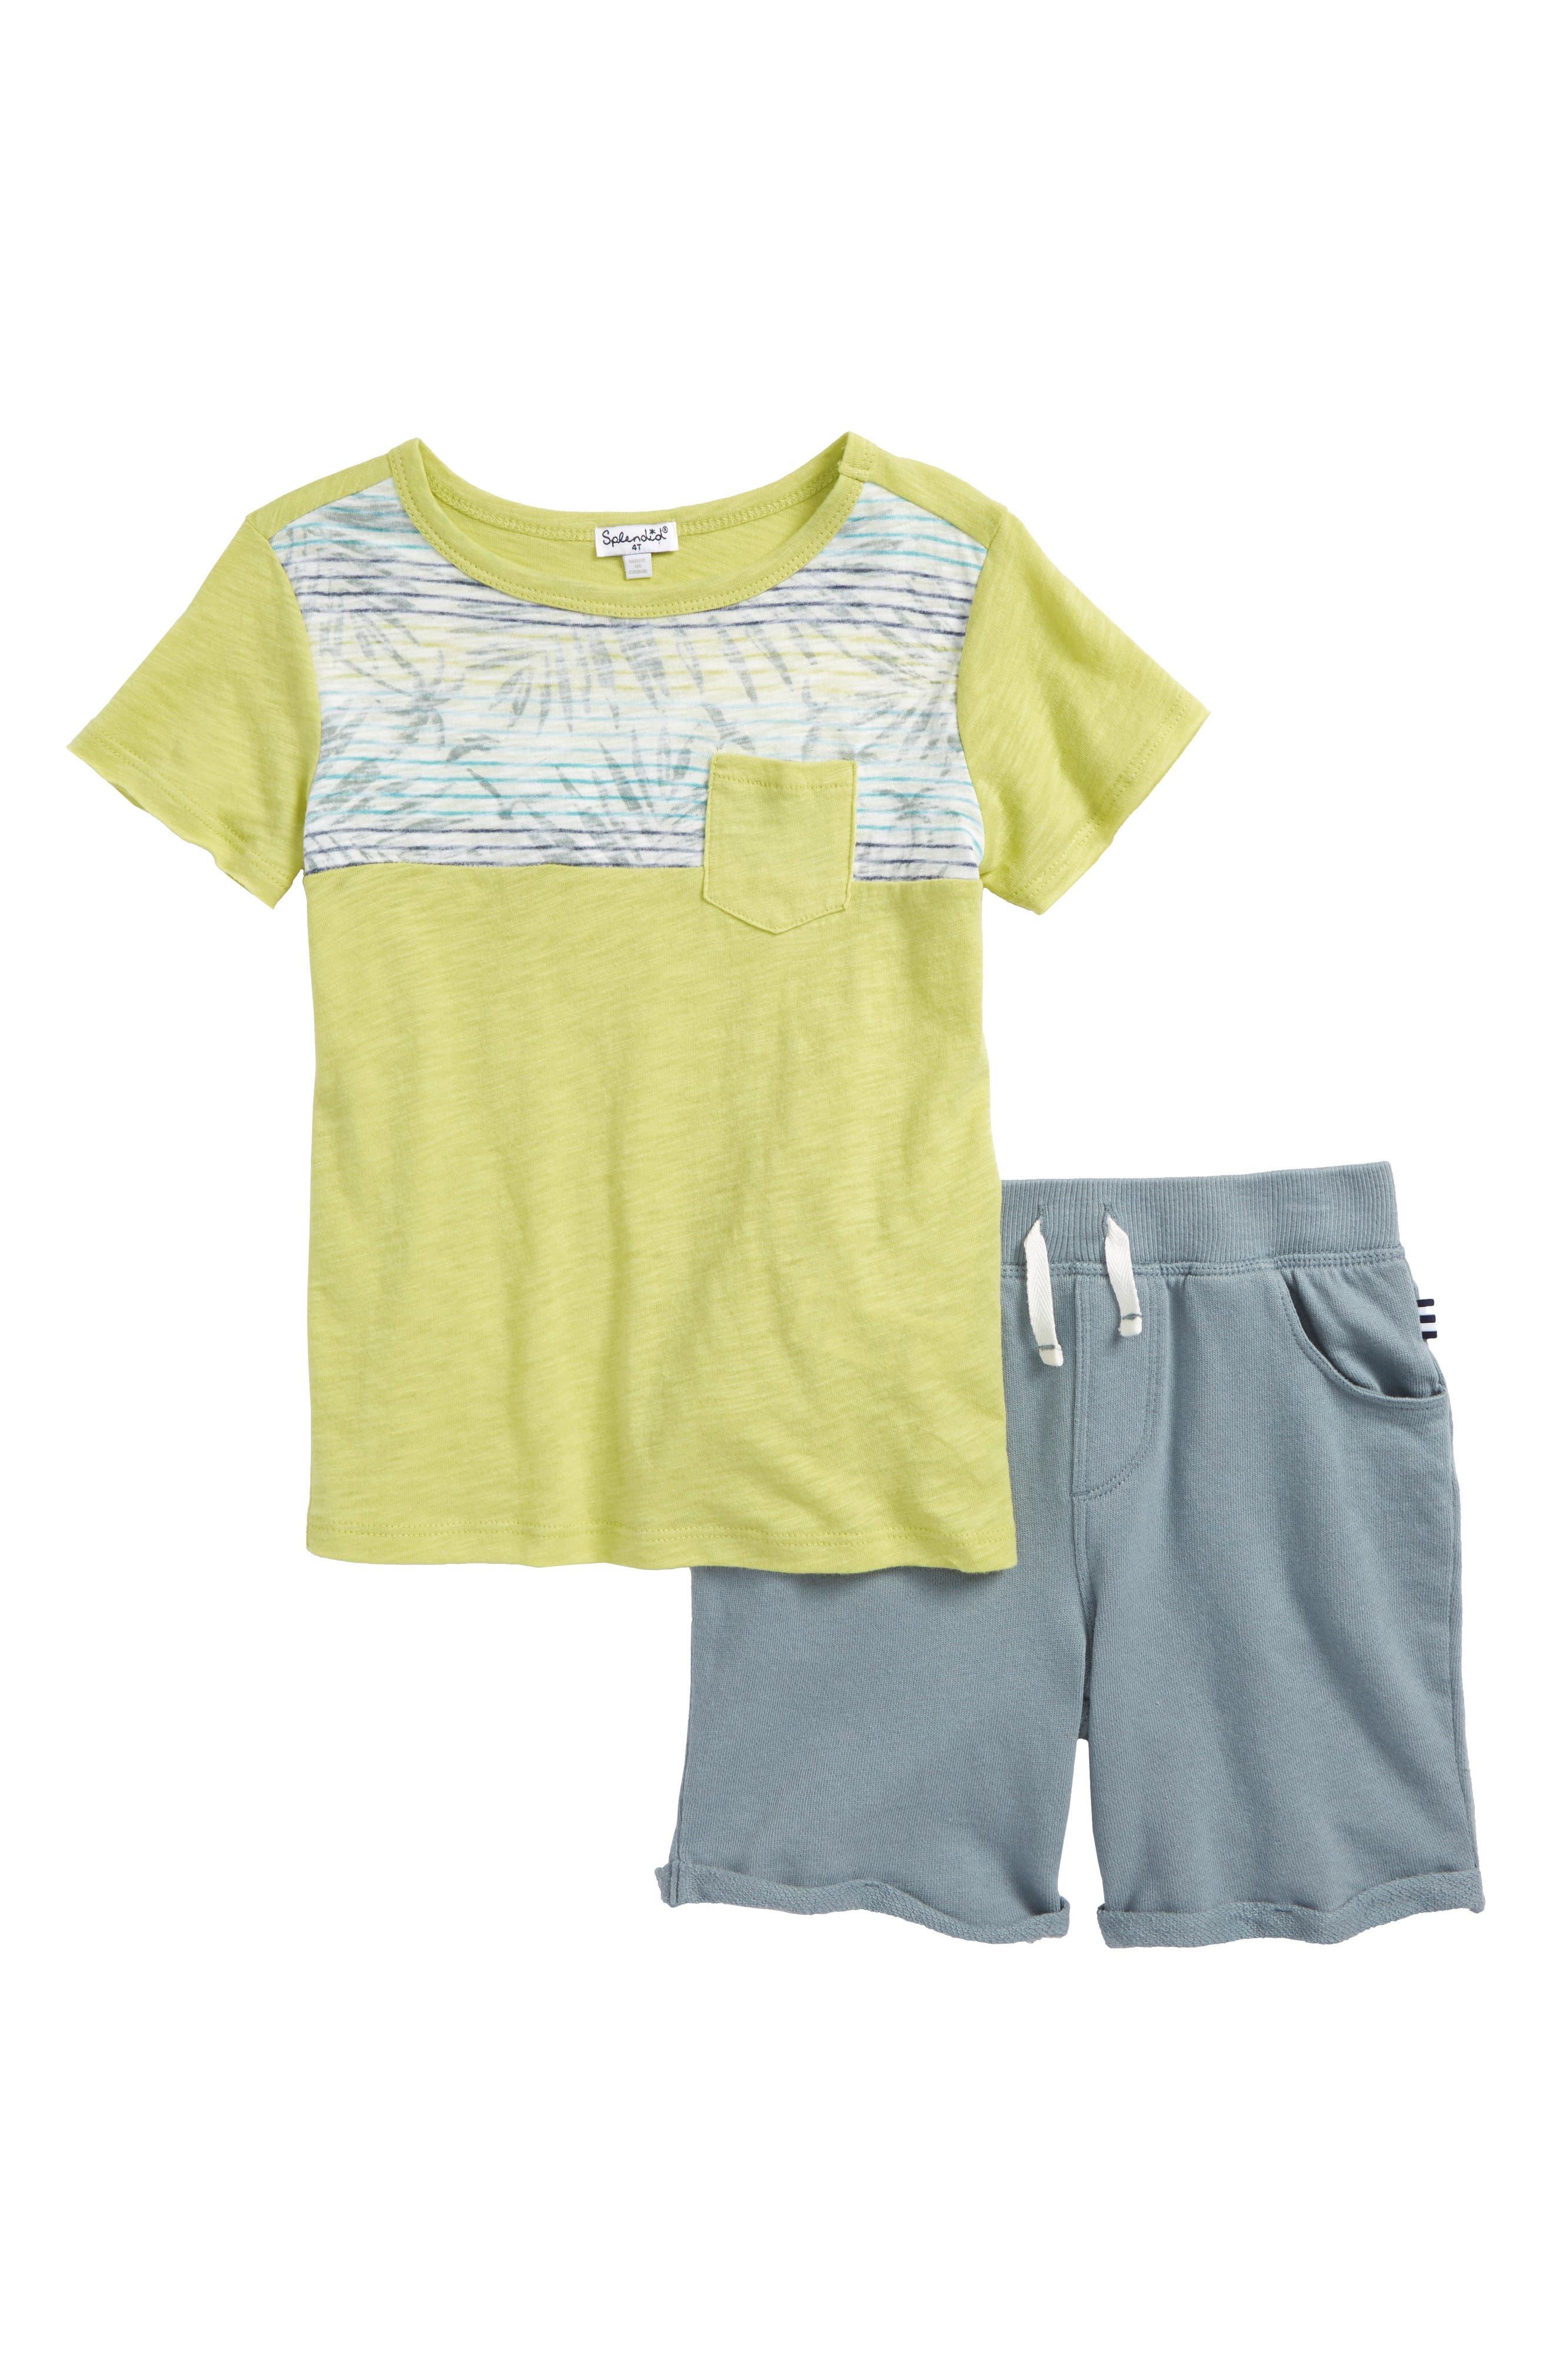 Alternate Image 1 Selected - Splendid Reverse Print T-Shirt & Shorts Set (Toddler Boys & Little Boys)